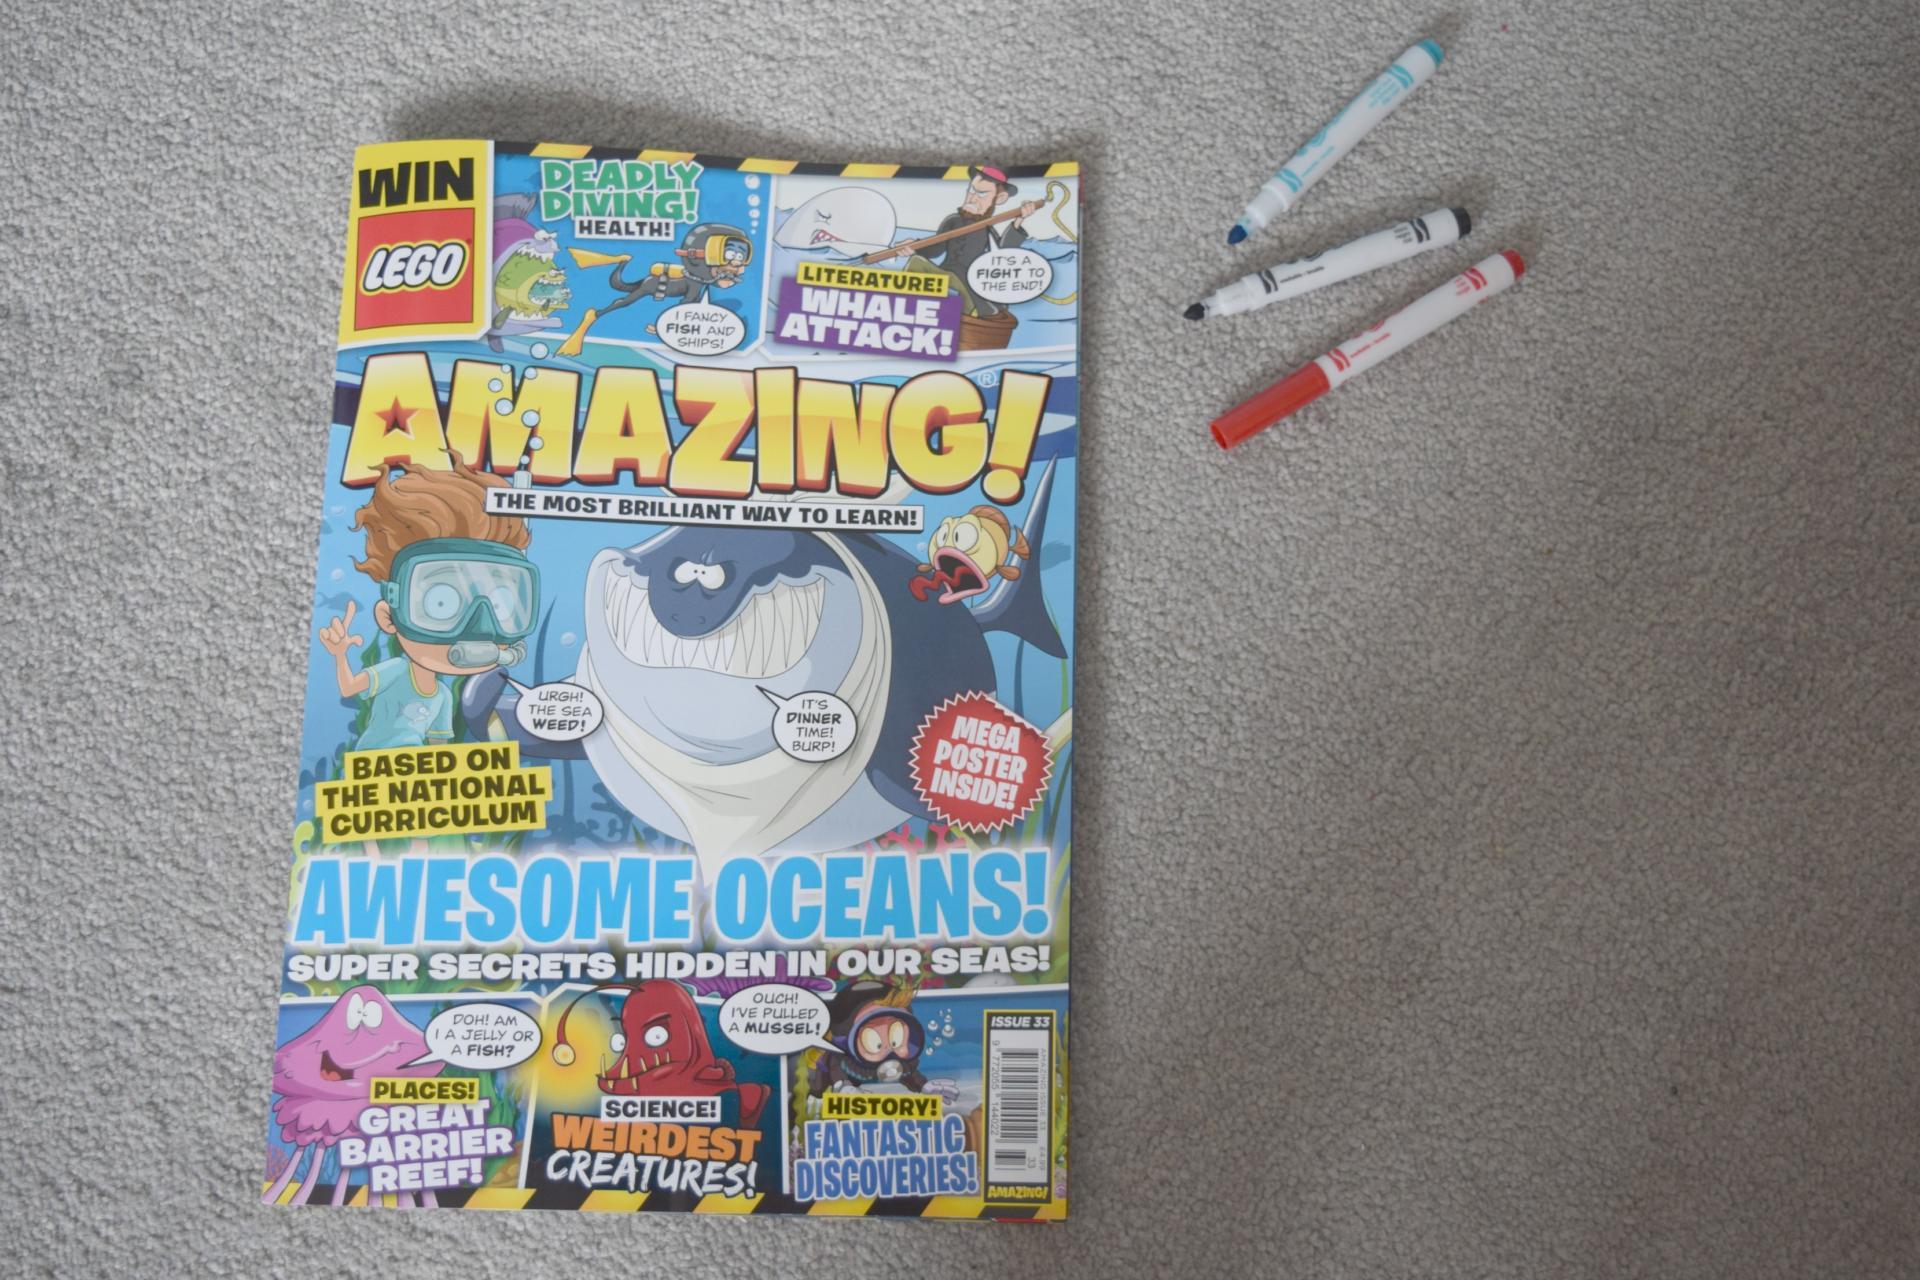 Amazing! magazine